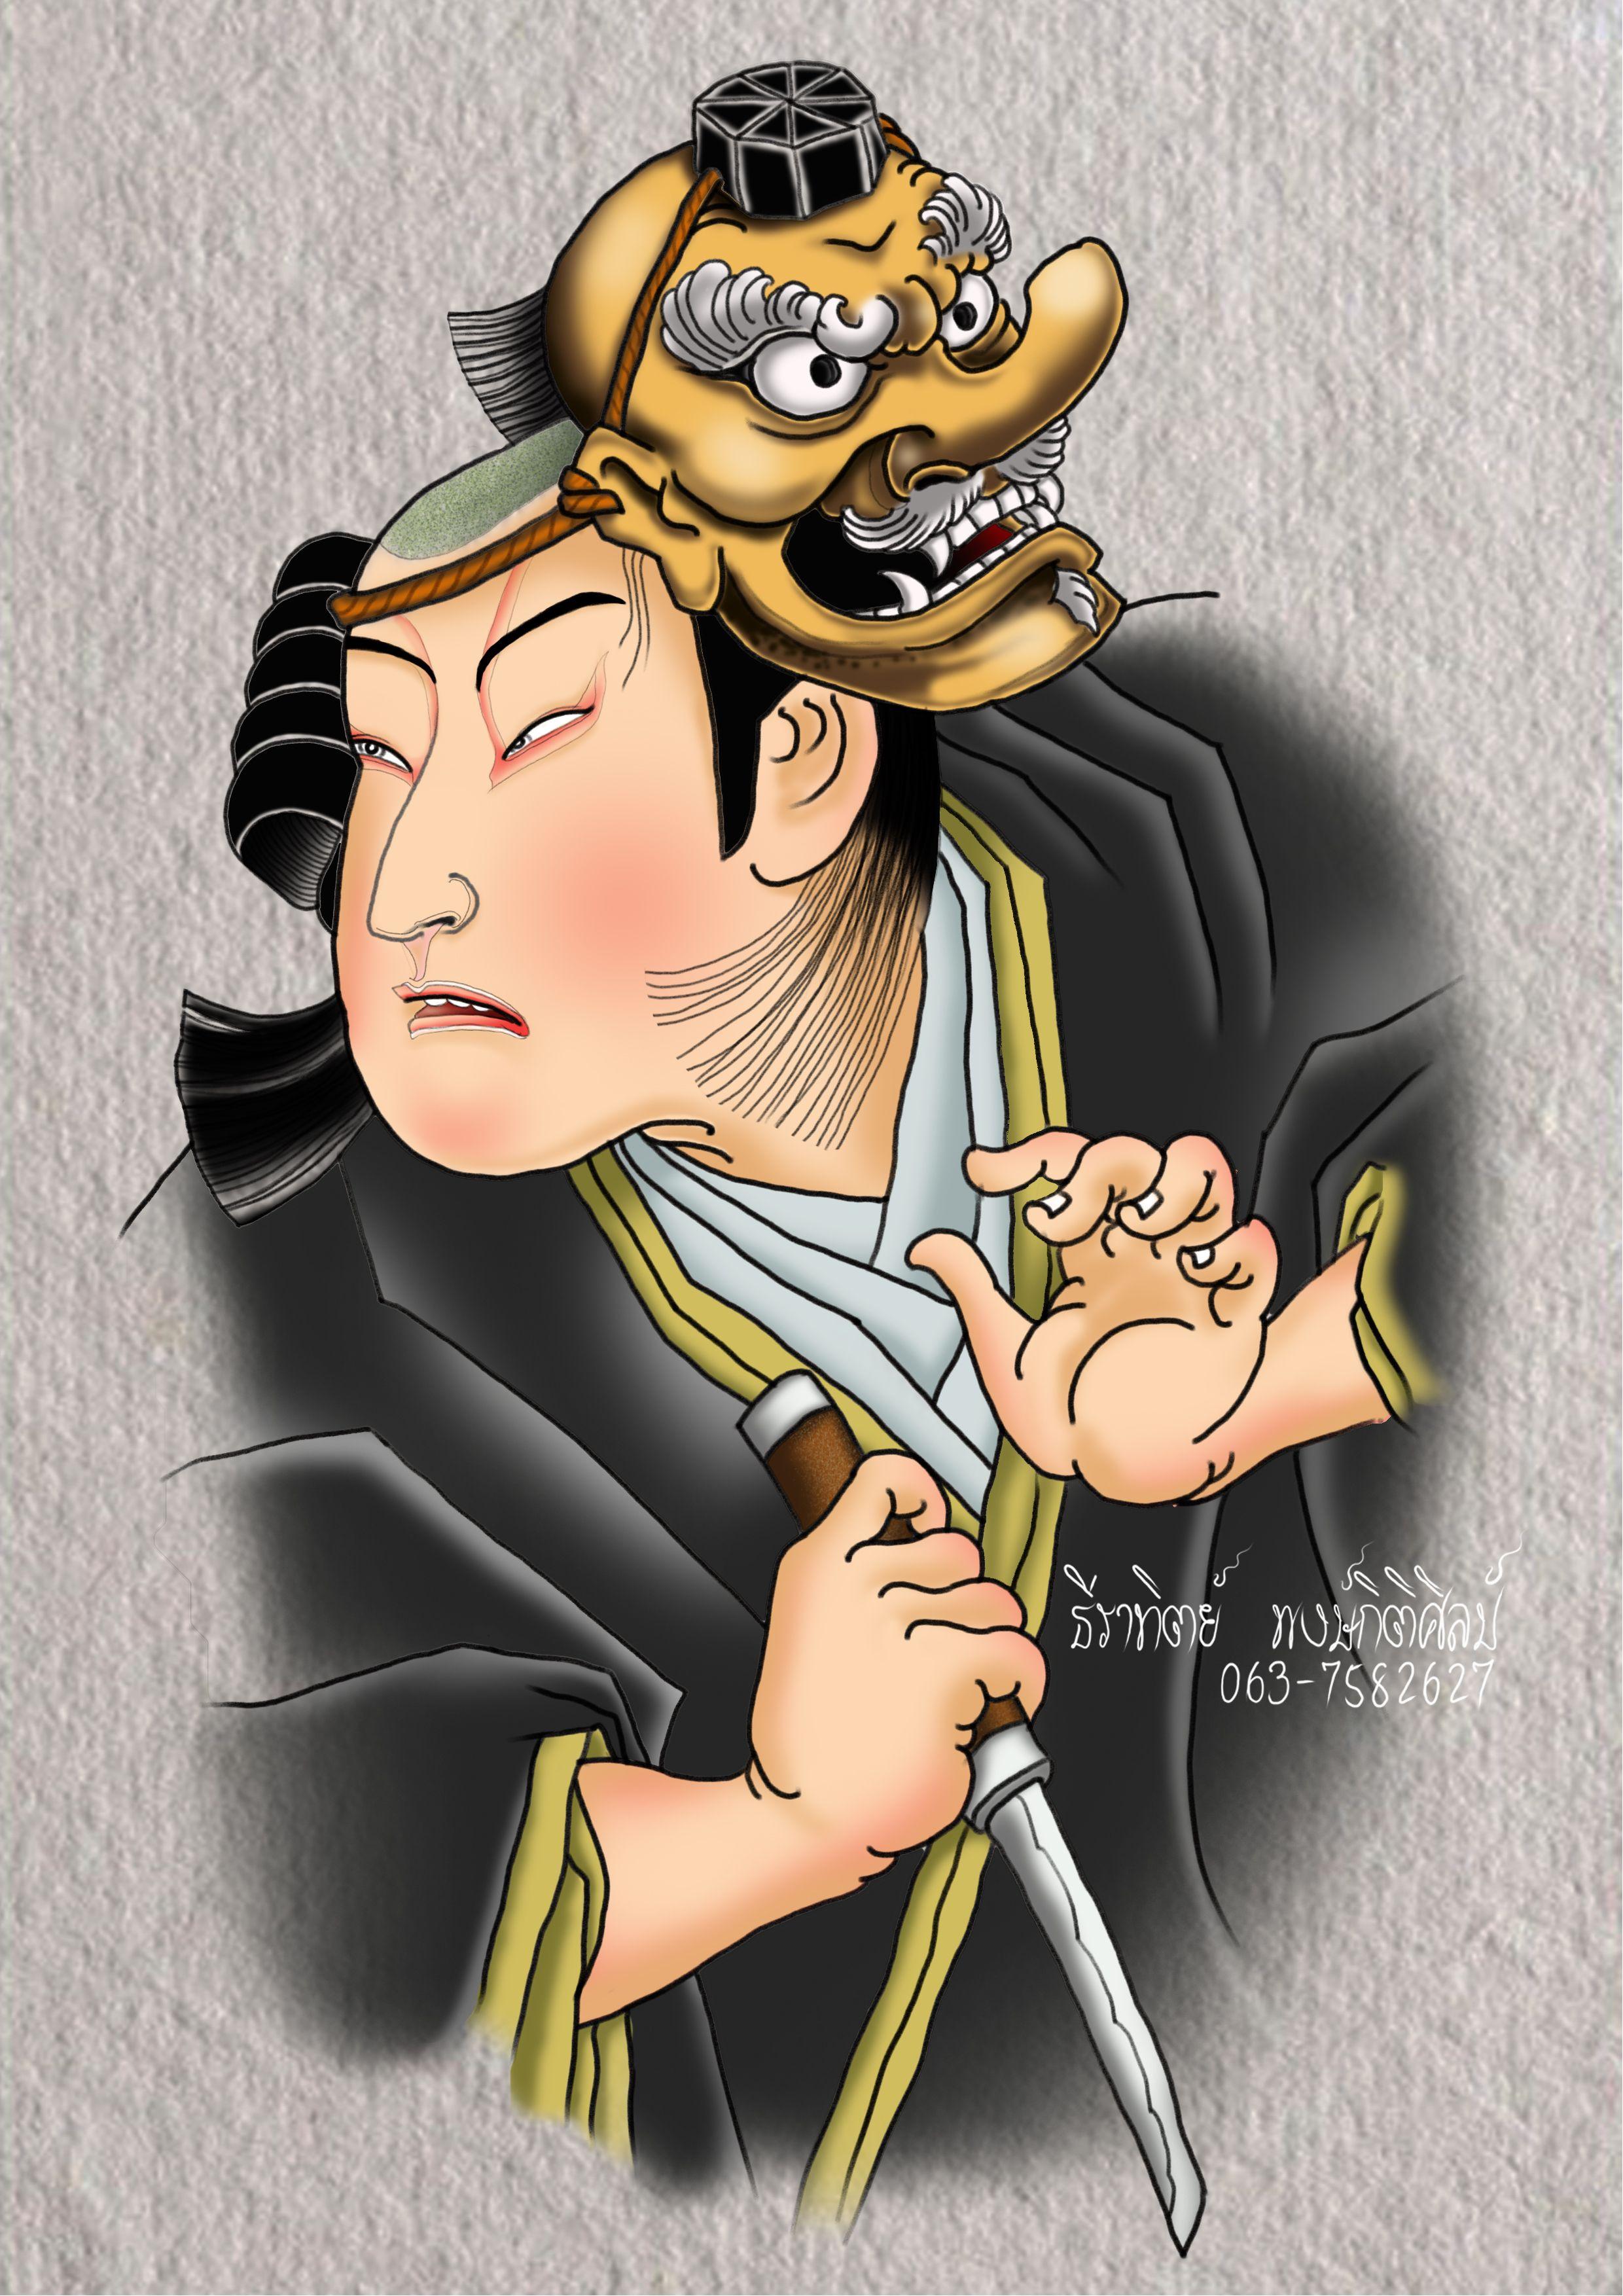 Japanese ลายส กญ ป น พ จ ตร ตลาดใหม สระหลวง ลายส ก งานออกแบบลายส ก Tattoo Thailand Tattoophichit ร านส กพ จ ตร โท ลายส กญ ป น ซาม ไร รอยส กร ปแมว